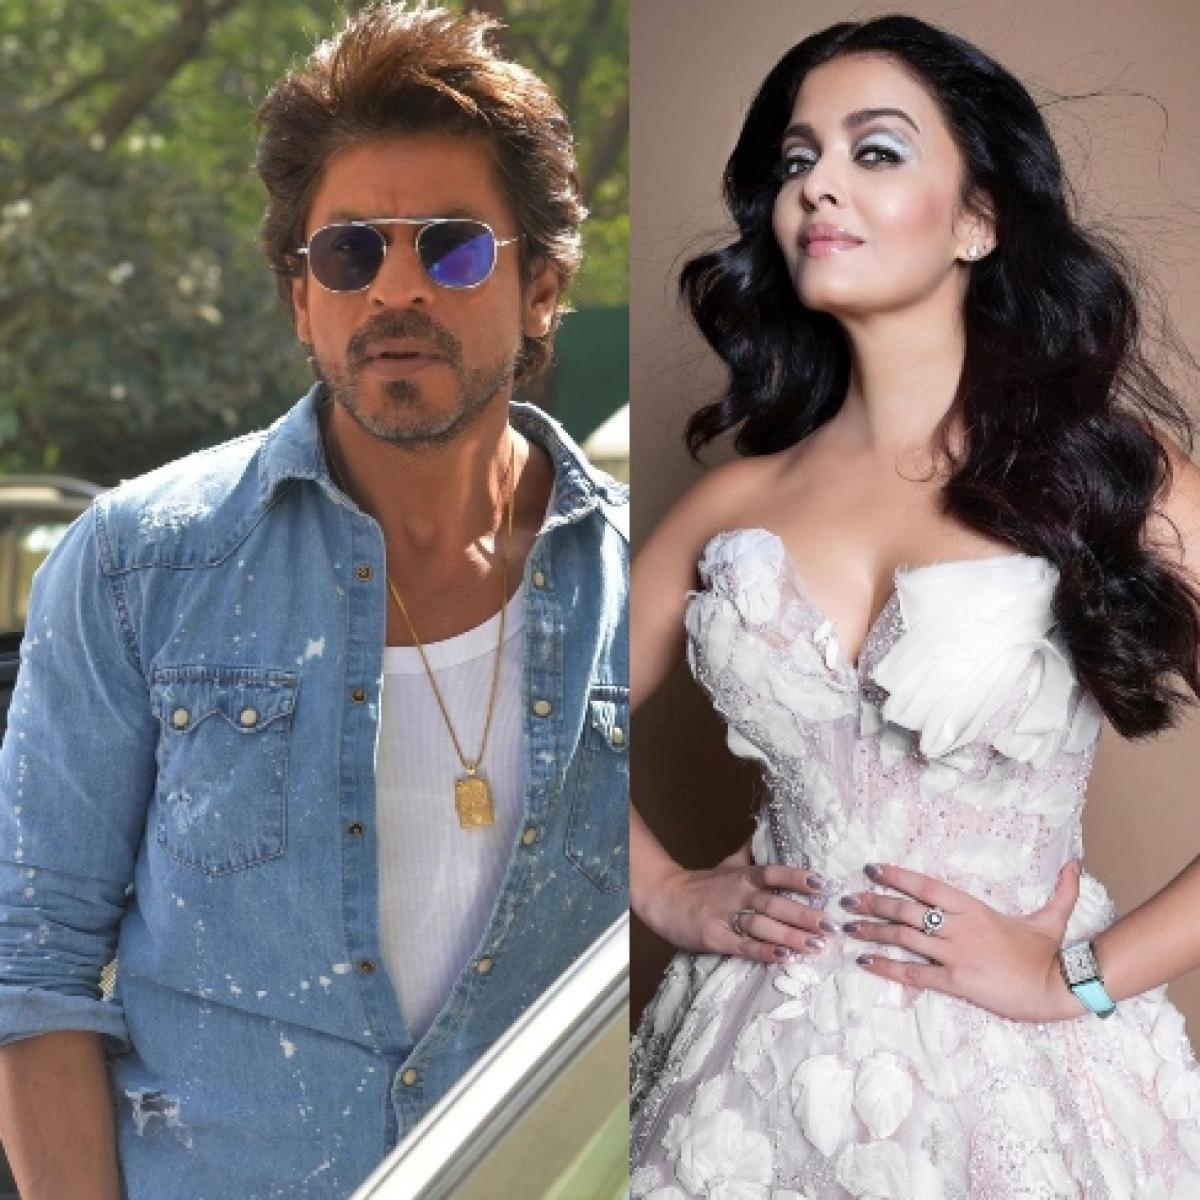 Shah Rukh Khan, Salman Khan, Aishwarya Rai and other Bollywood stars who own lavish homes in Dubai